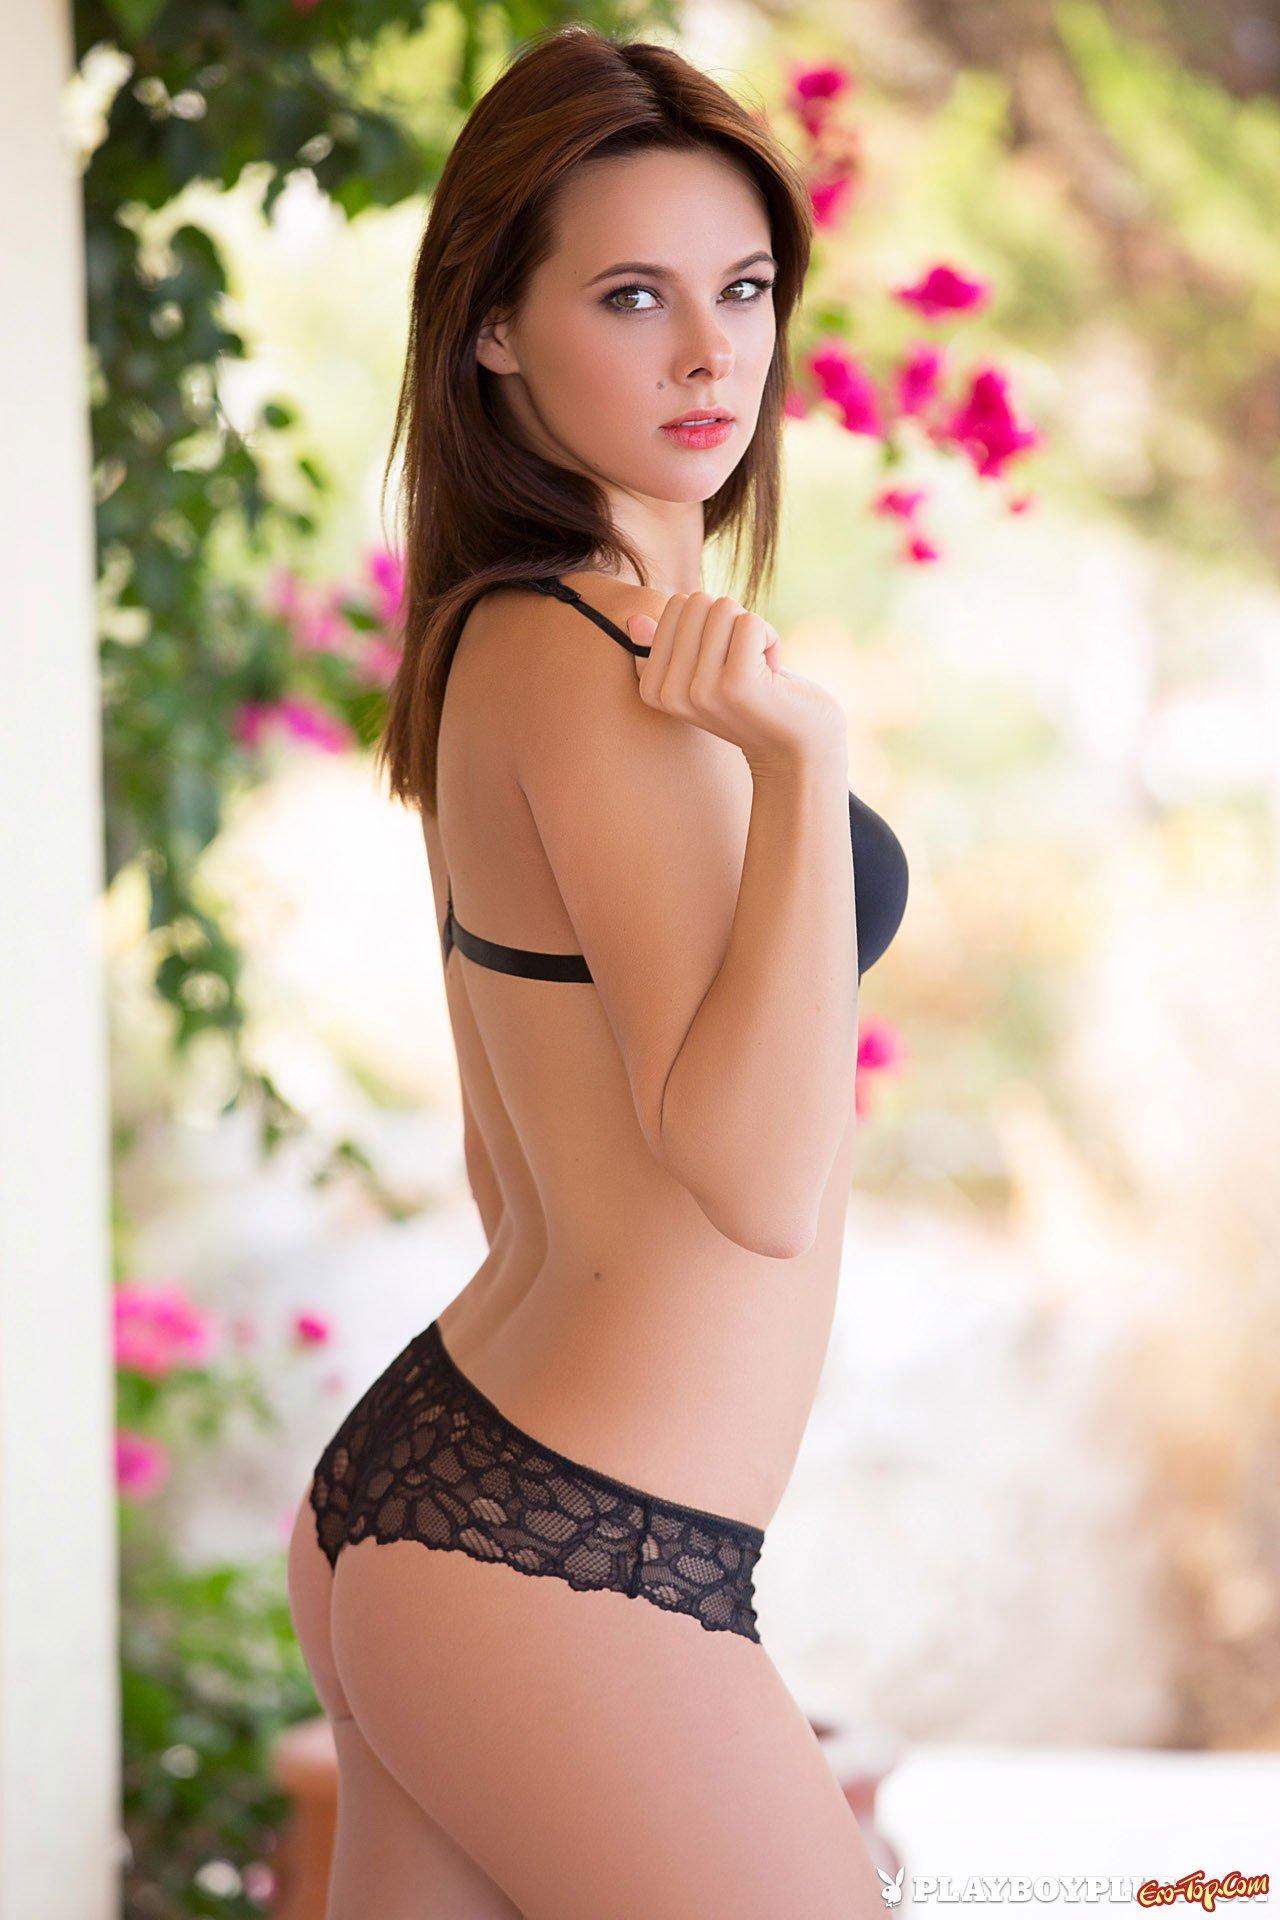 Сняла одежду и растопырила ноги на спине секс фото